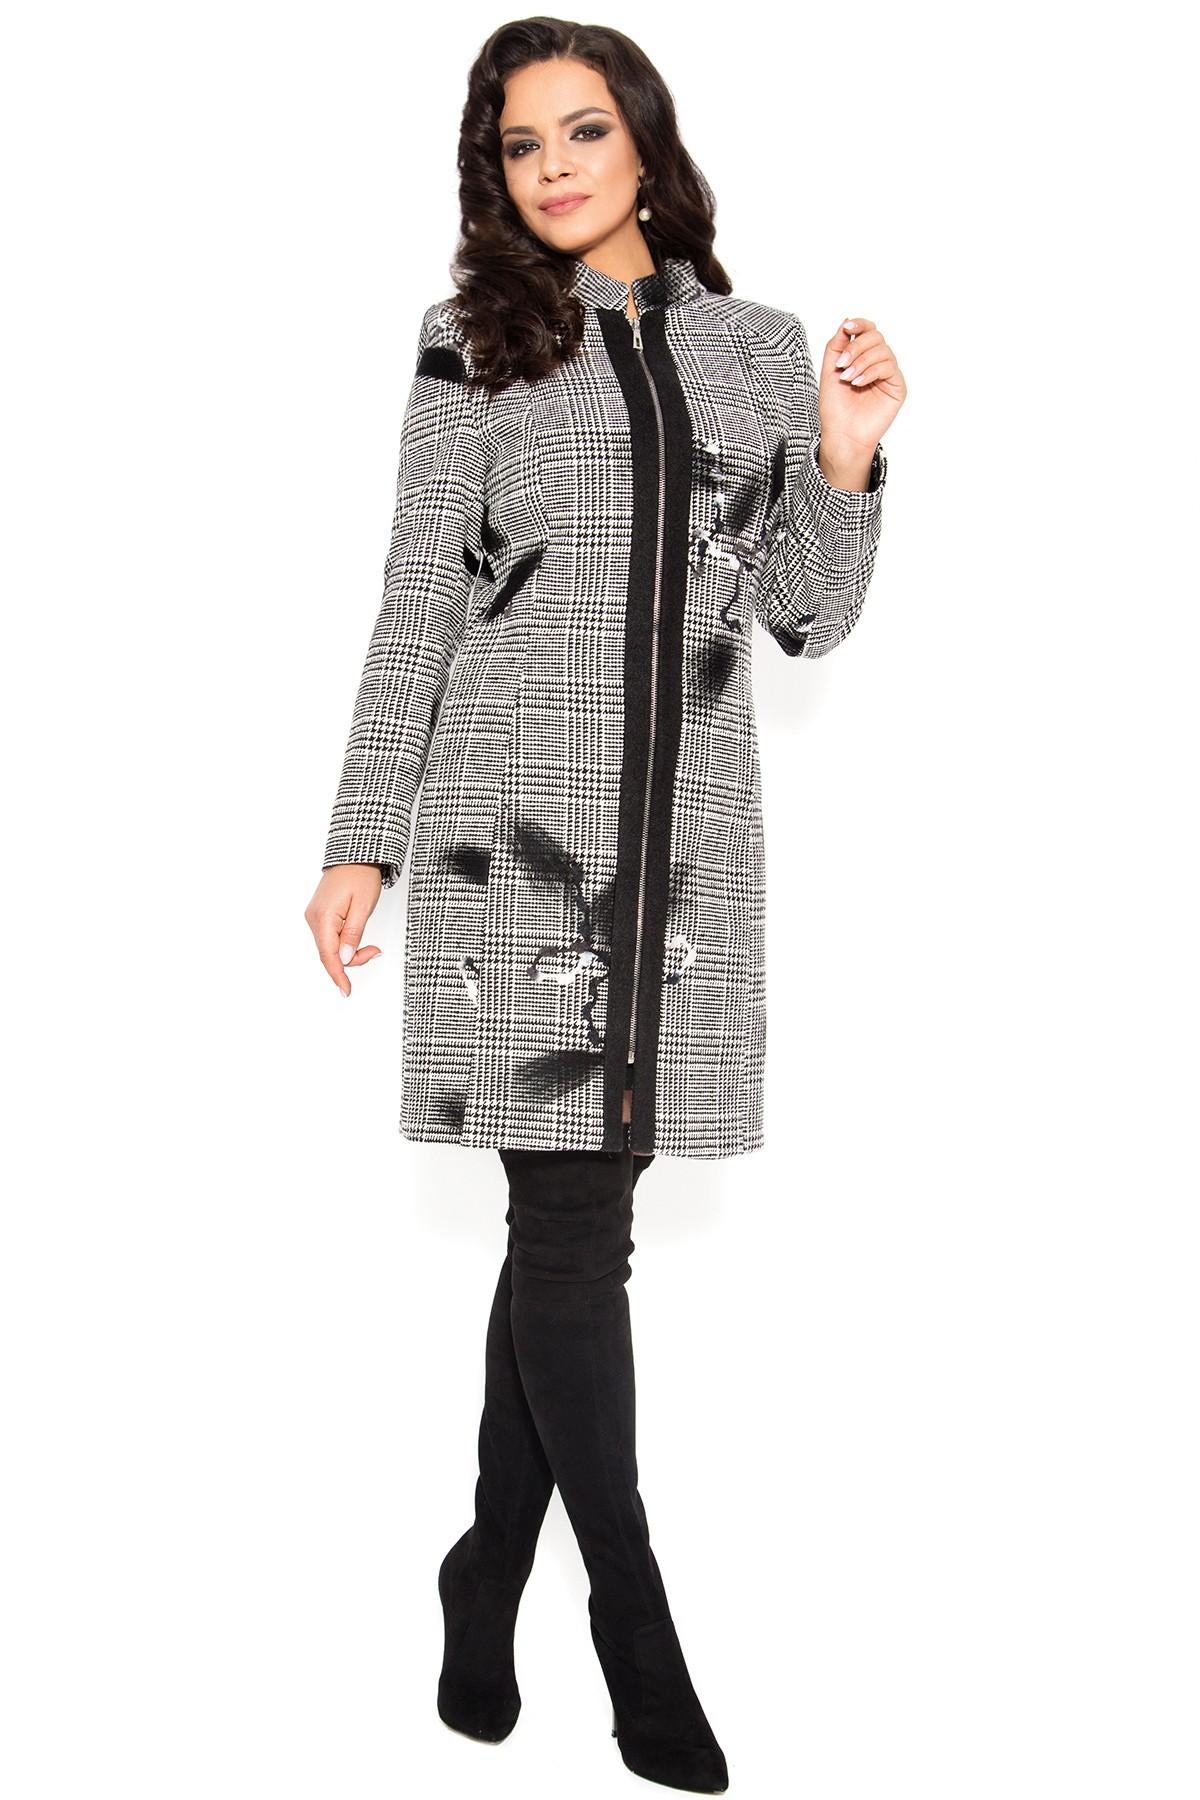 design divers vânzare magazin de vânzare cel mai bun Palton din stofa 7250 carouri gri cu flori negre - Viada